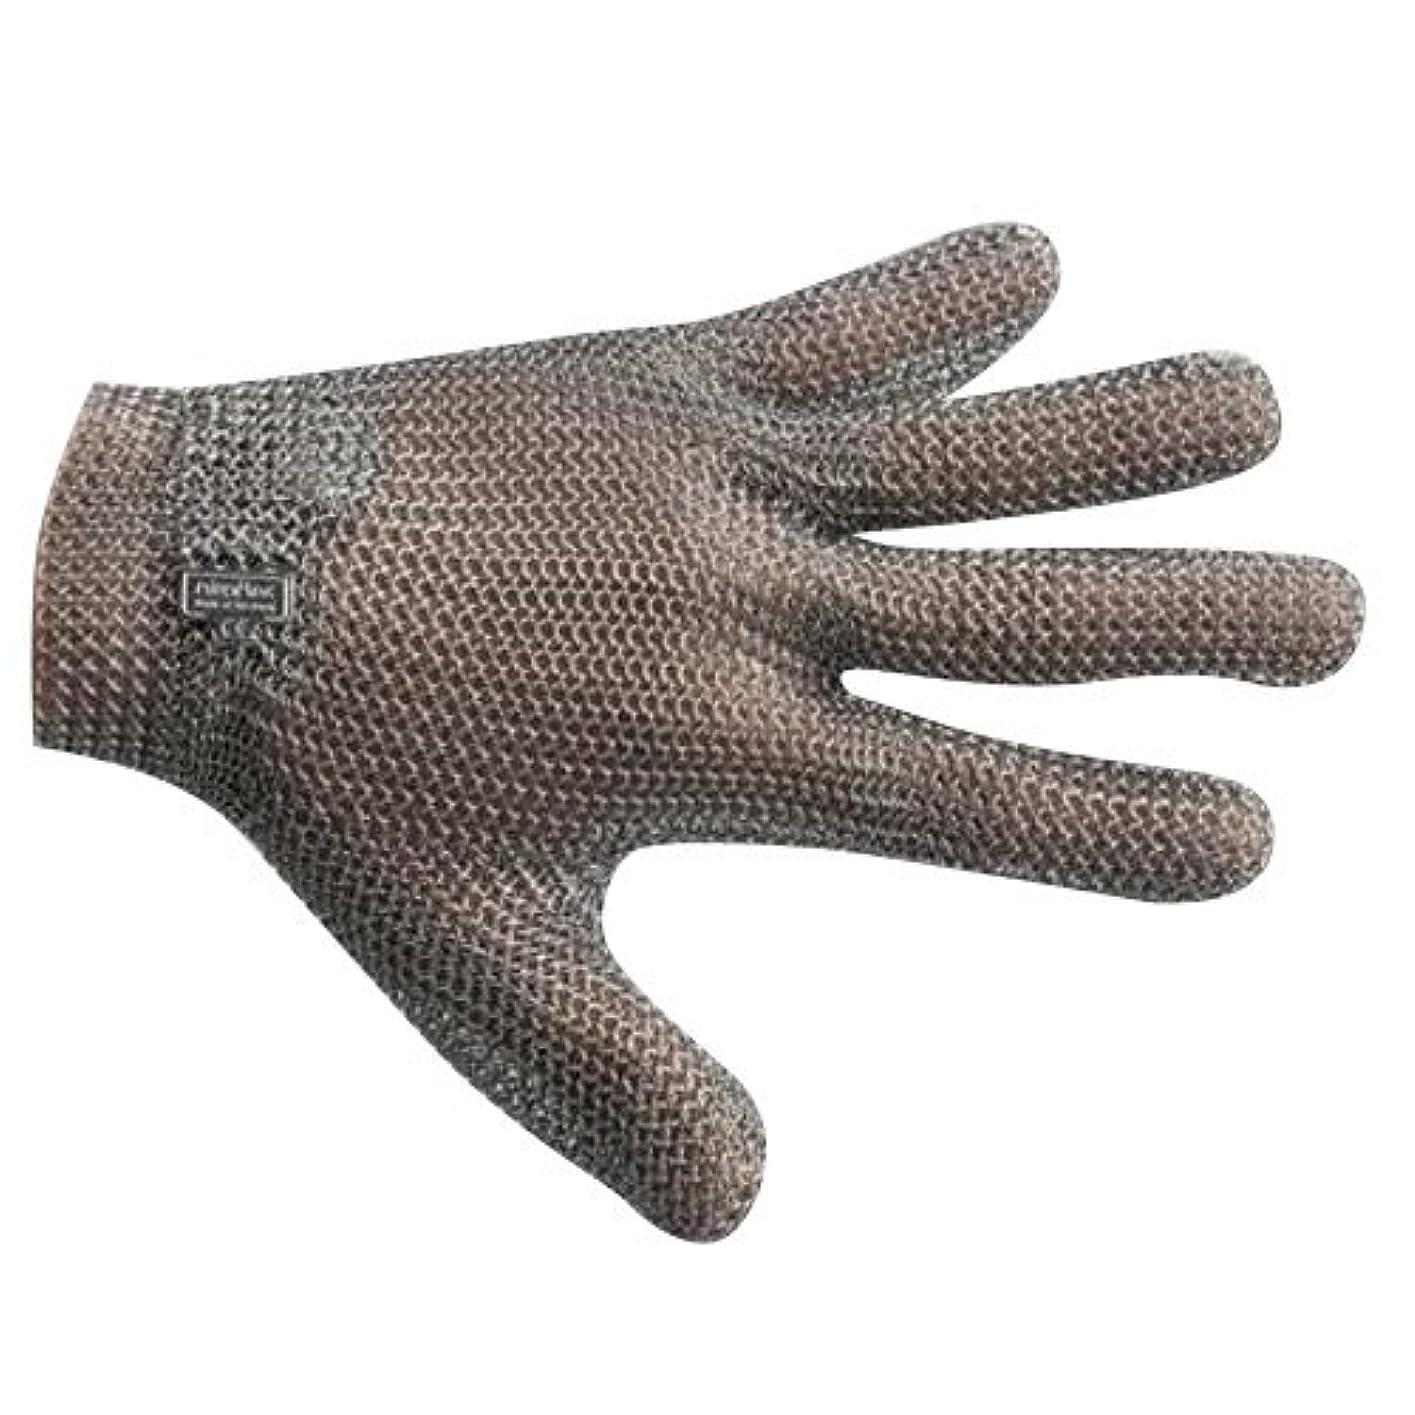 正当化する陰謀要求する宇都宮製作 GU-2500 ステンレスメッシュ手袋 5本指(左右兼用) M